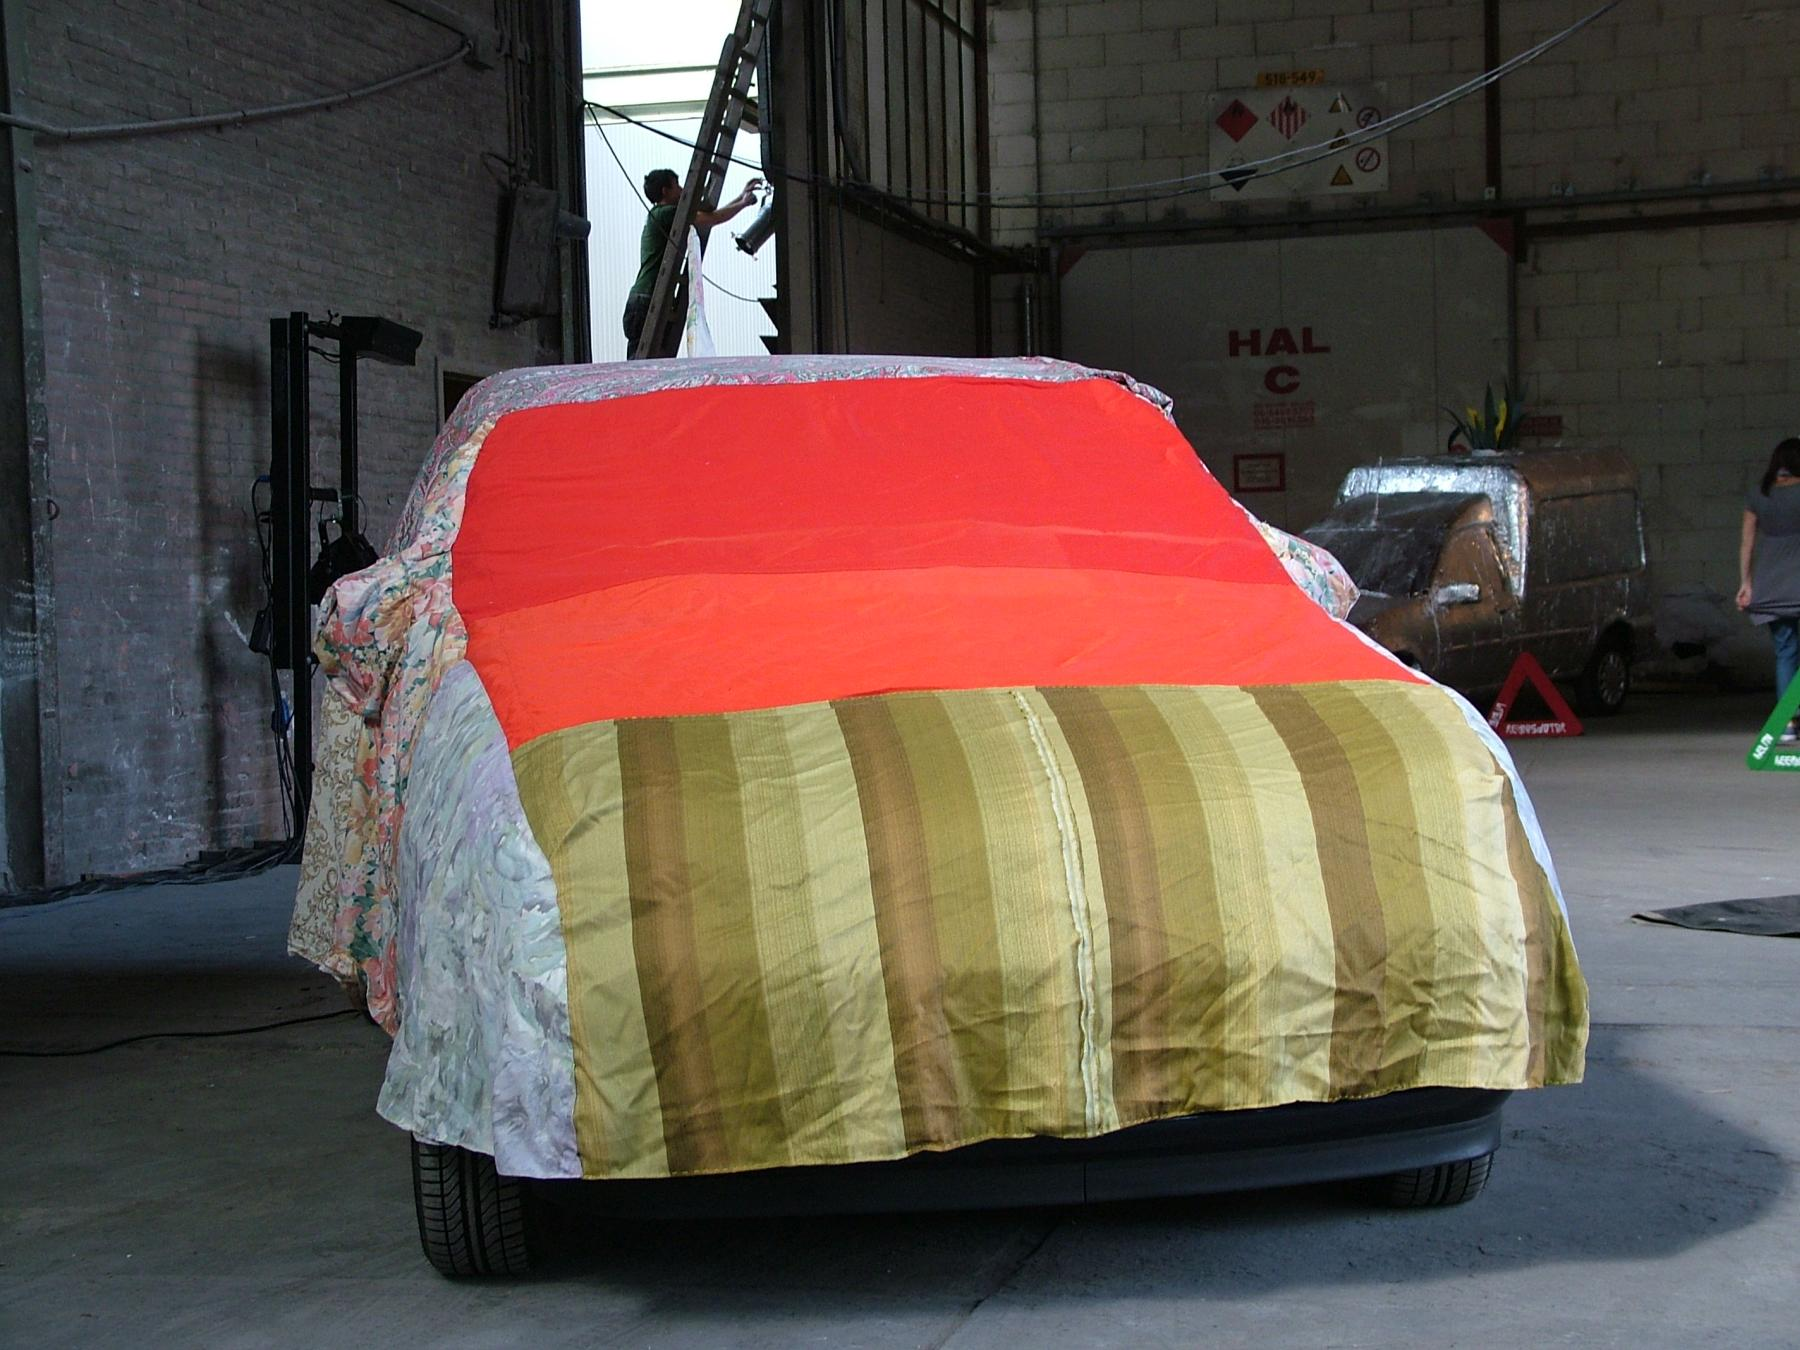 Car Art incognito 2